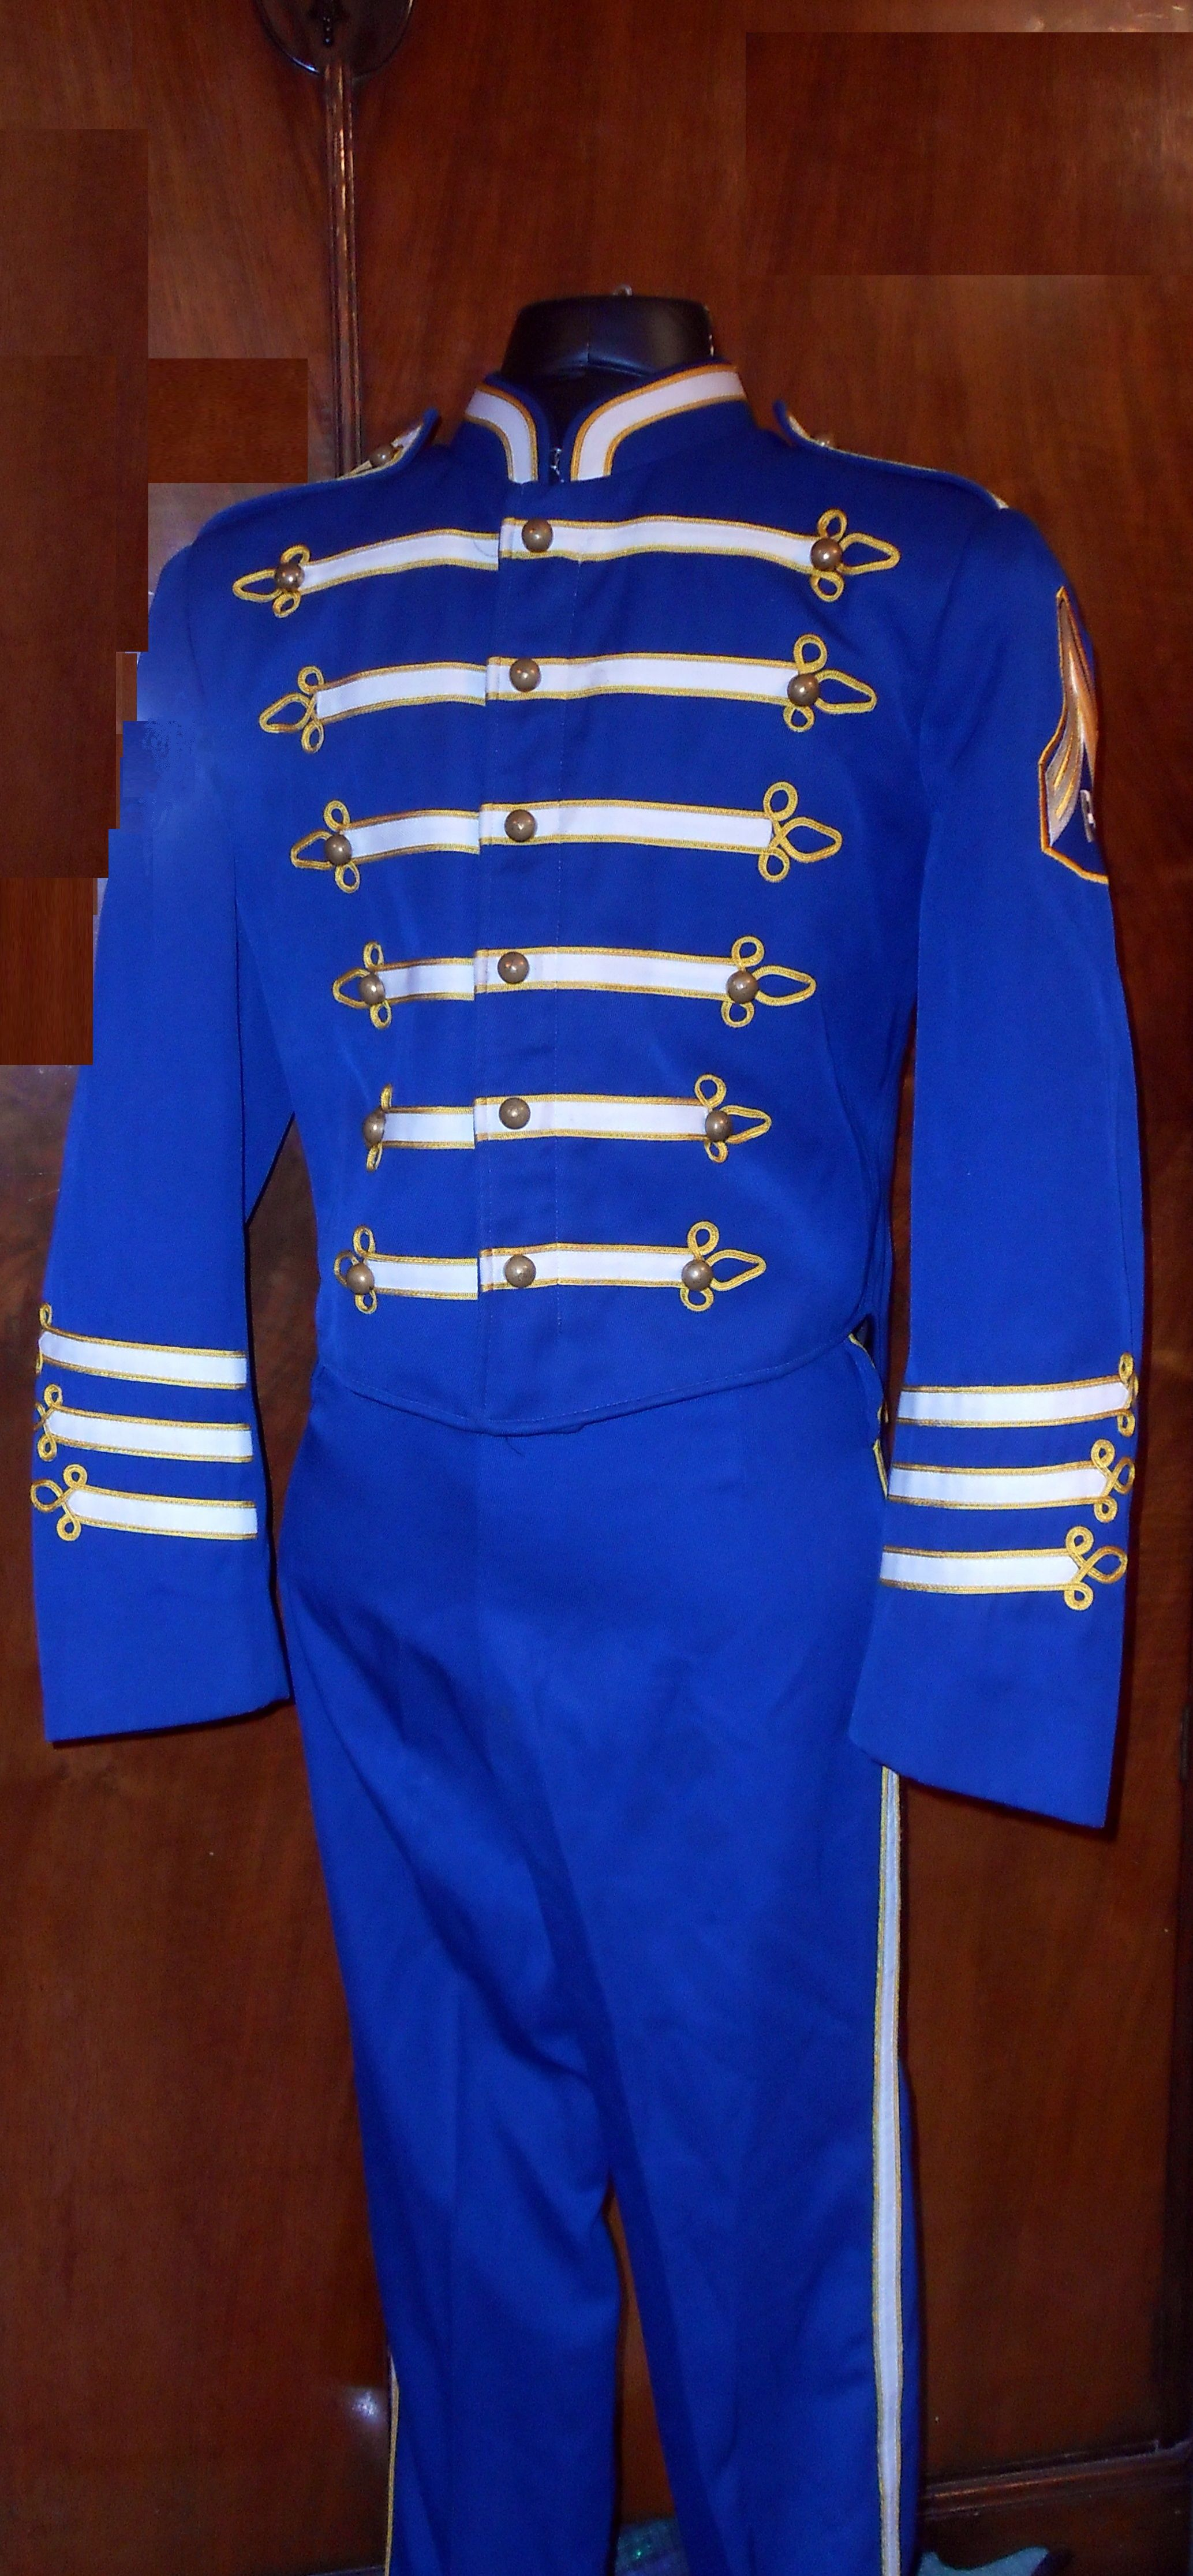 Marching Band Uniform Designer Online